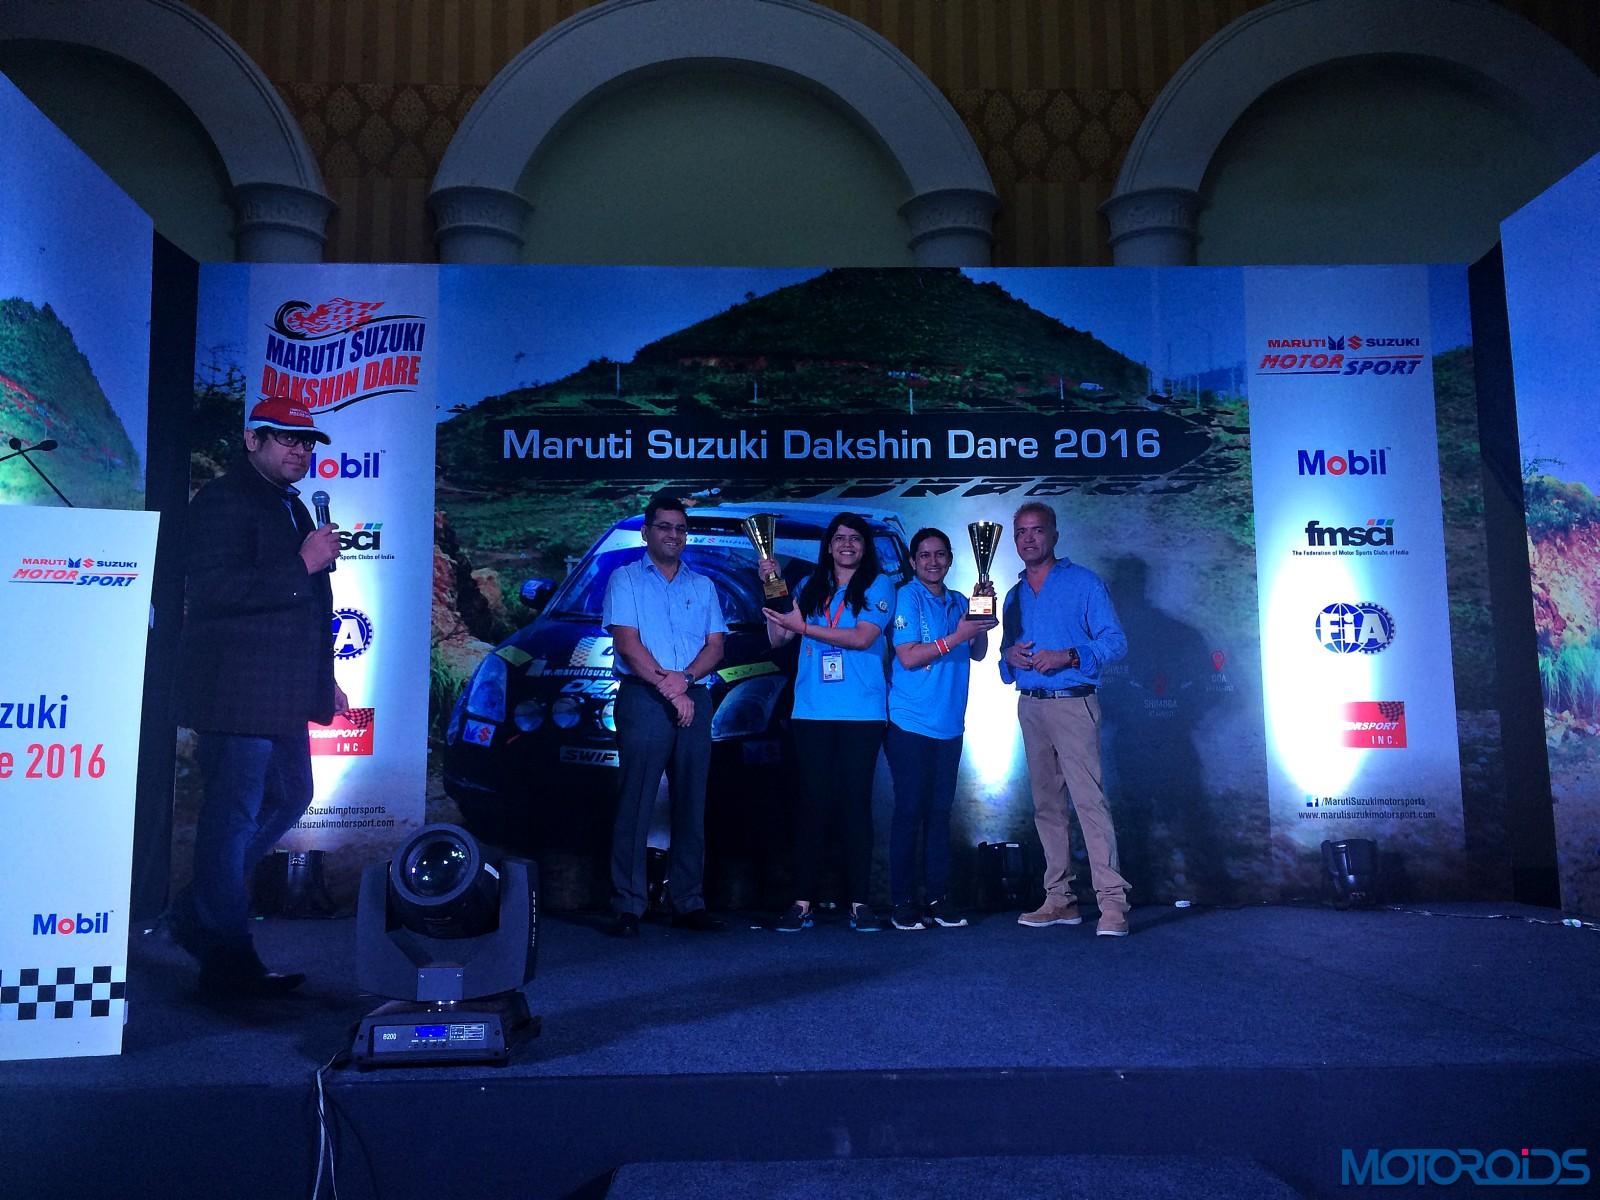 2016 Maruti Suzuki Dakshin Dare (108)